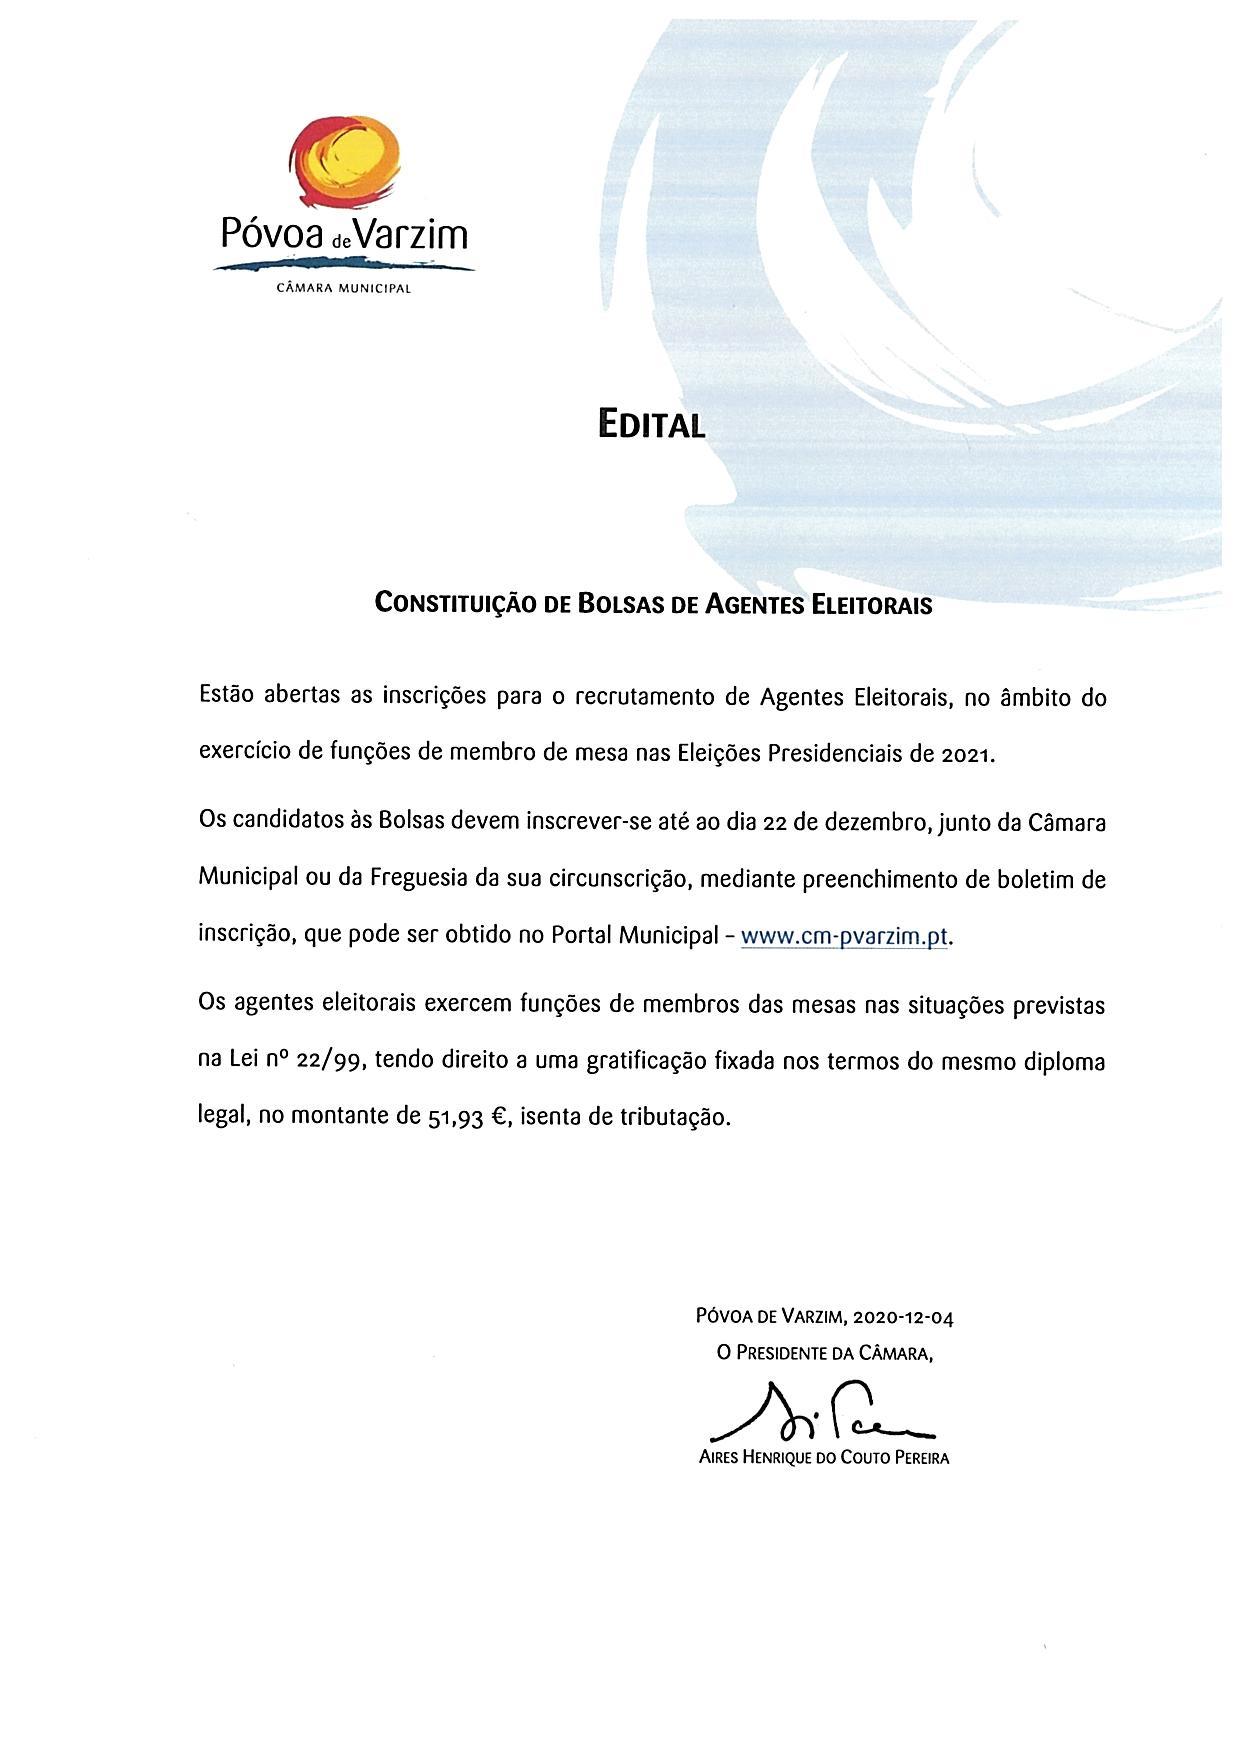 Constituição de Bolsas de Agentes Eleitorais